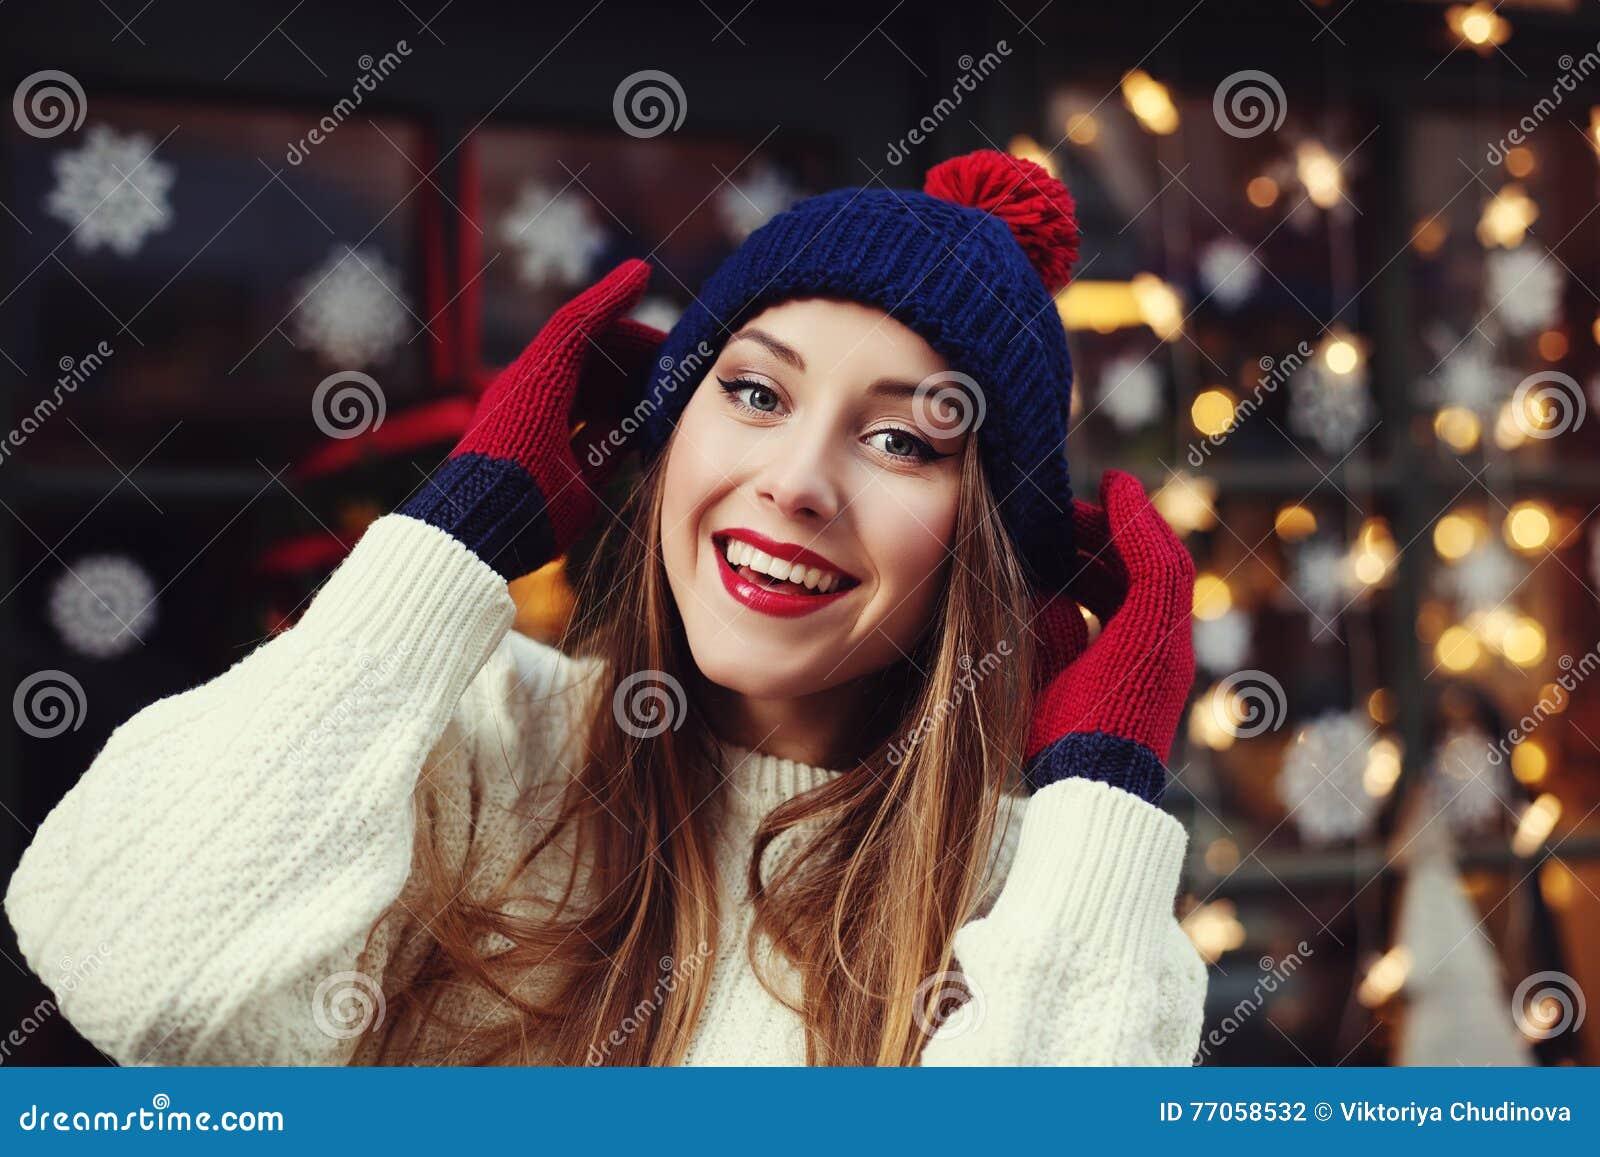 El retrato de la calle de la mujer joven hermosa sonriente que llevaba invierno clásico elegante hizo punto la ropa Looking model